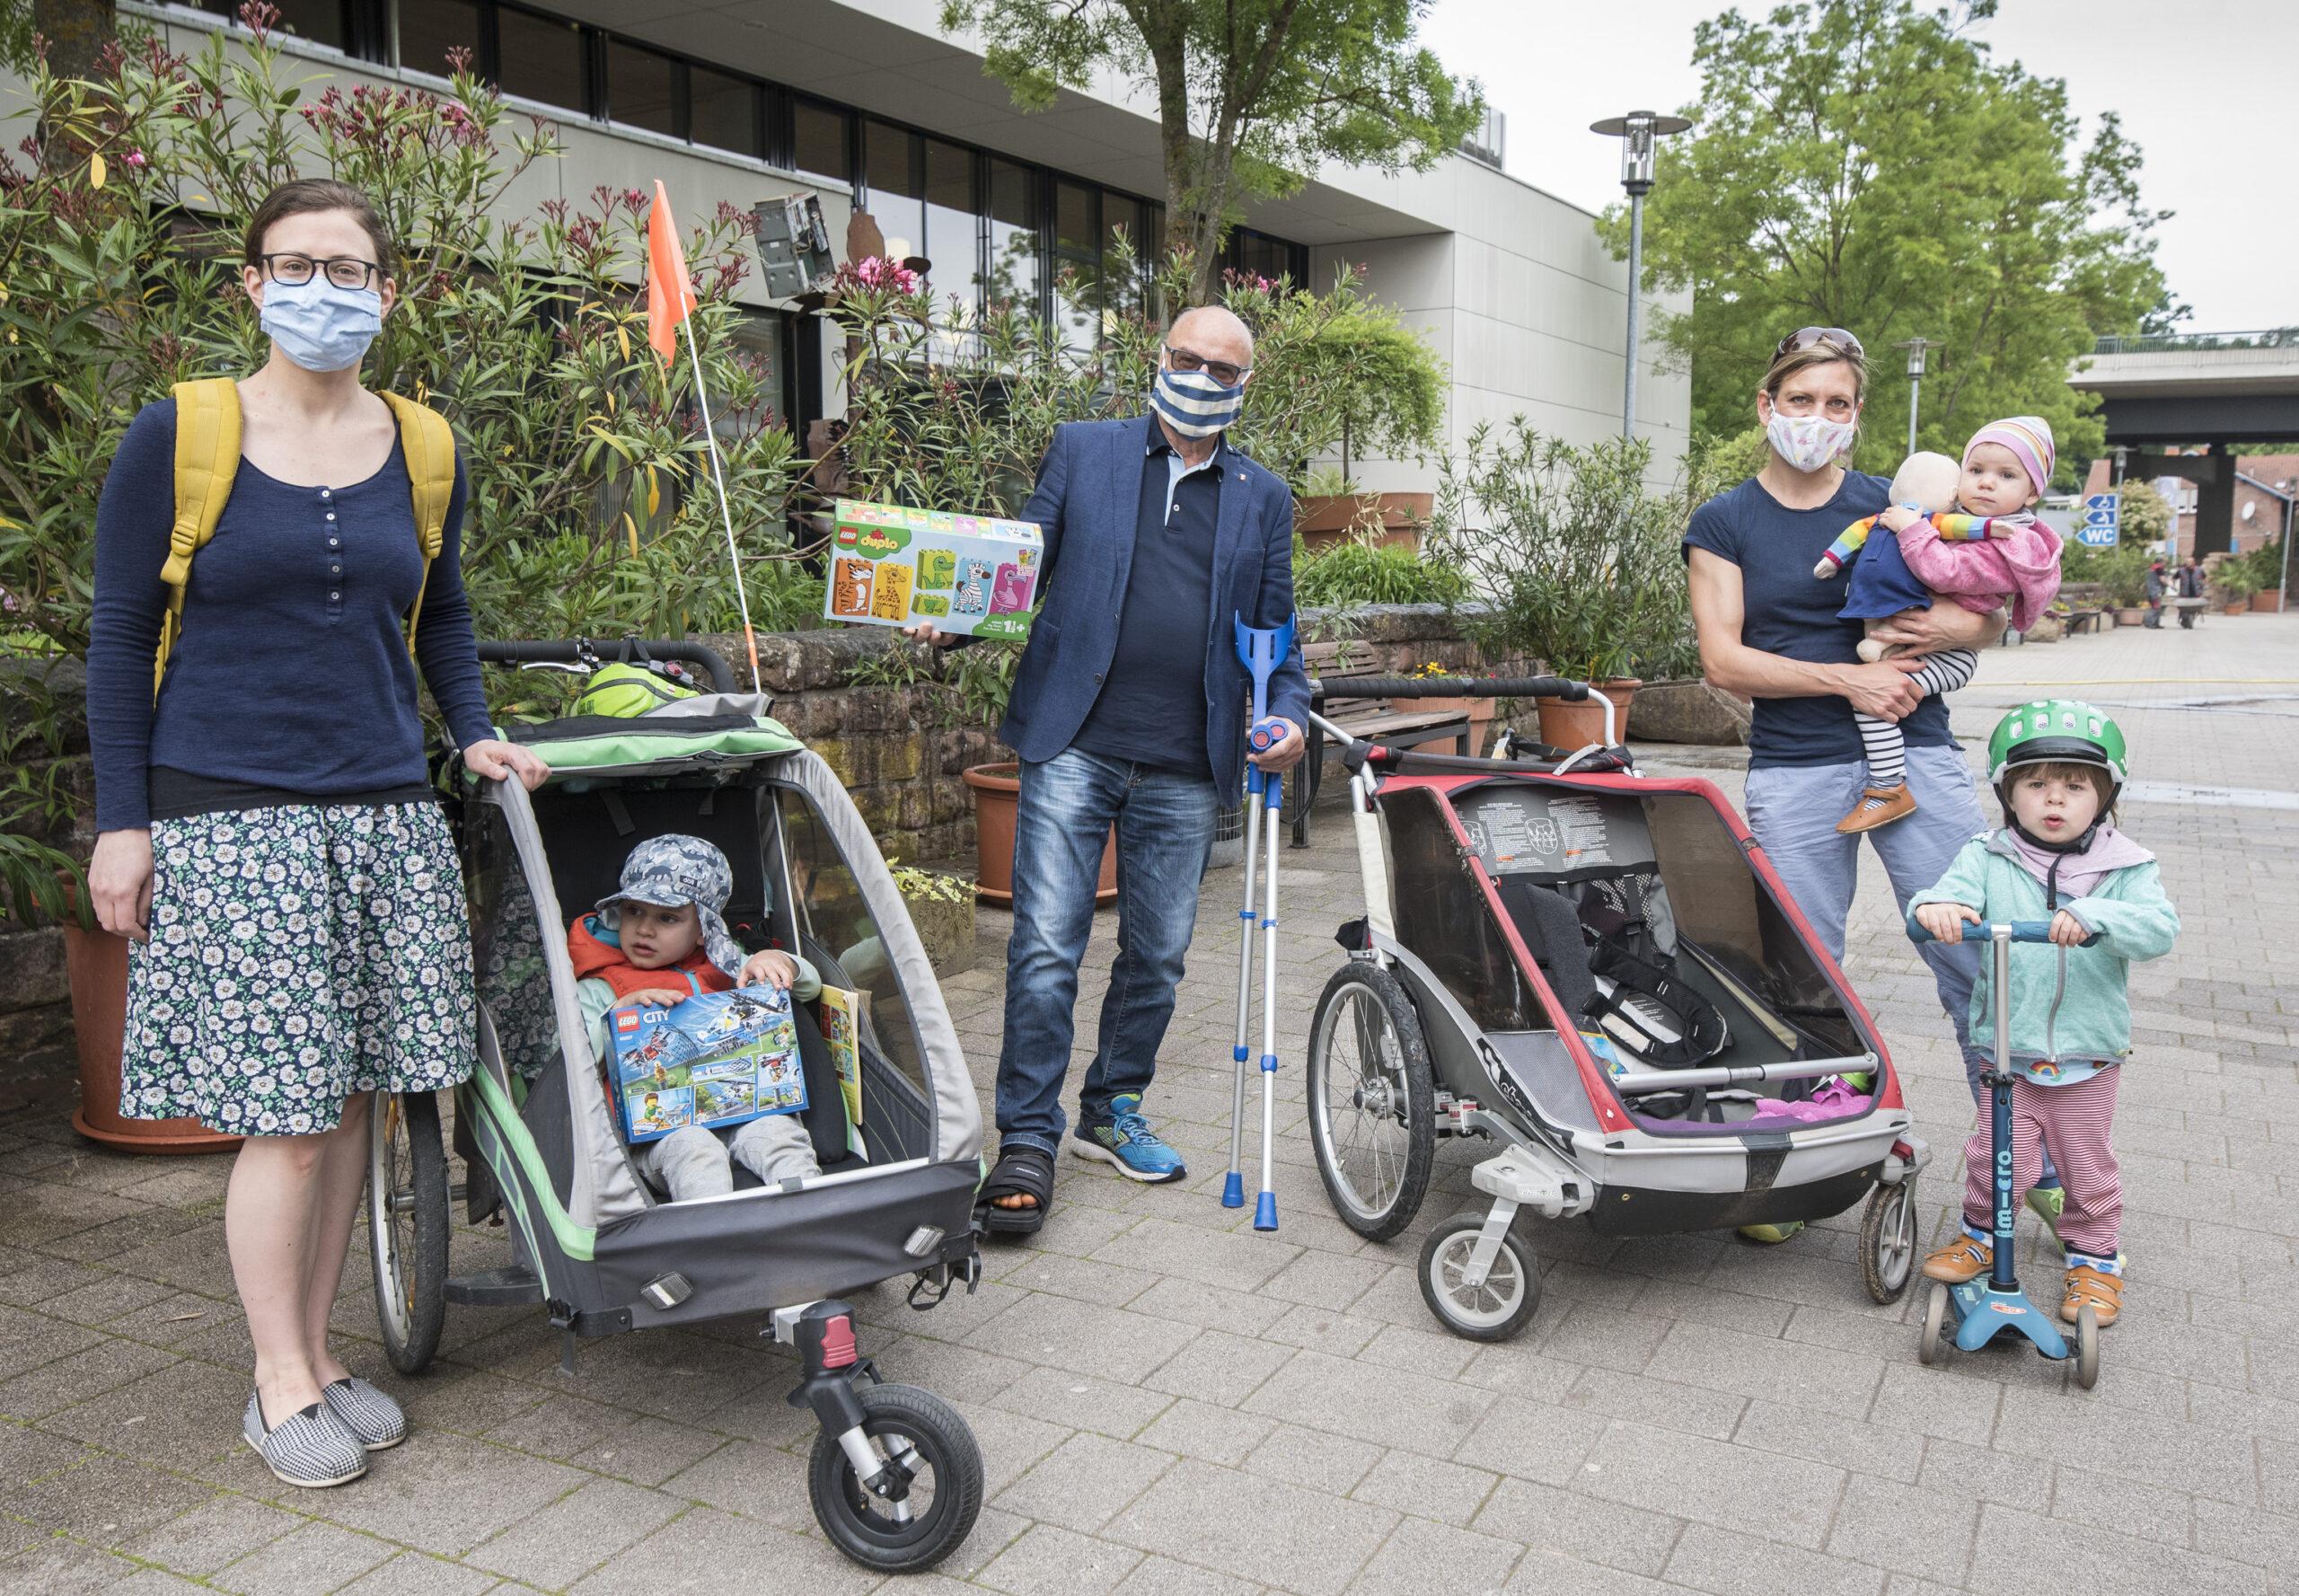 Gartenschau Kaiserslautern: Die ersten Besucher der Ausstellung bei Eröffnung schon da